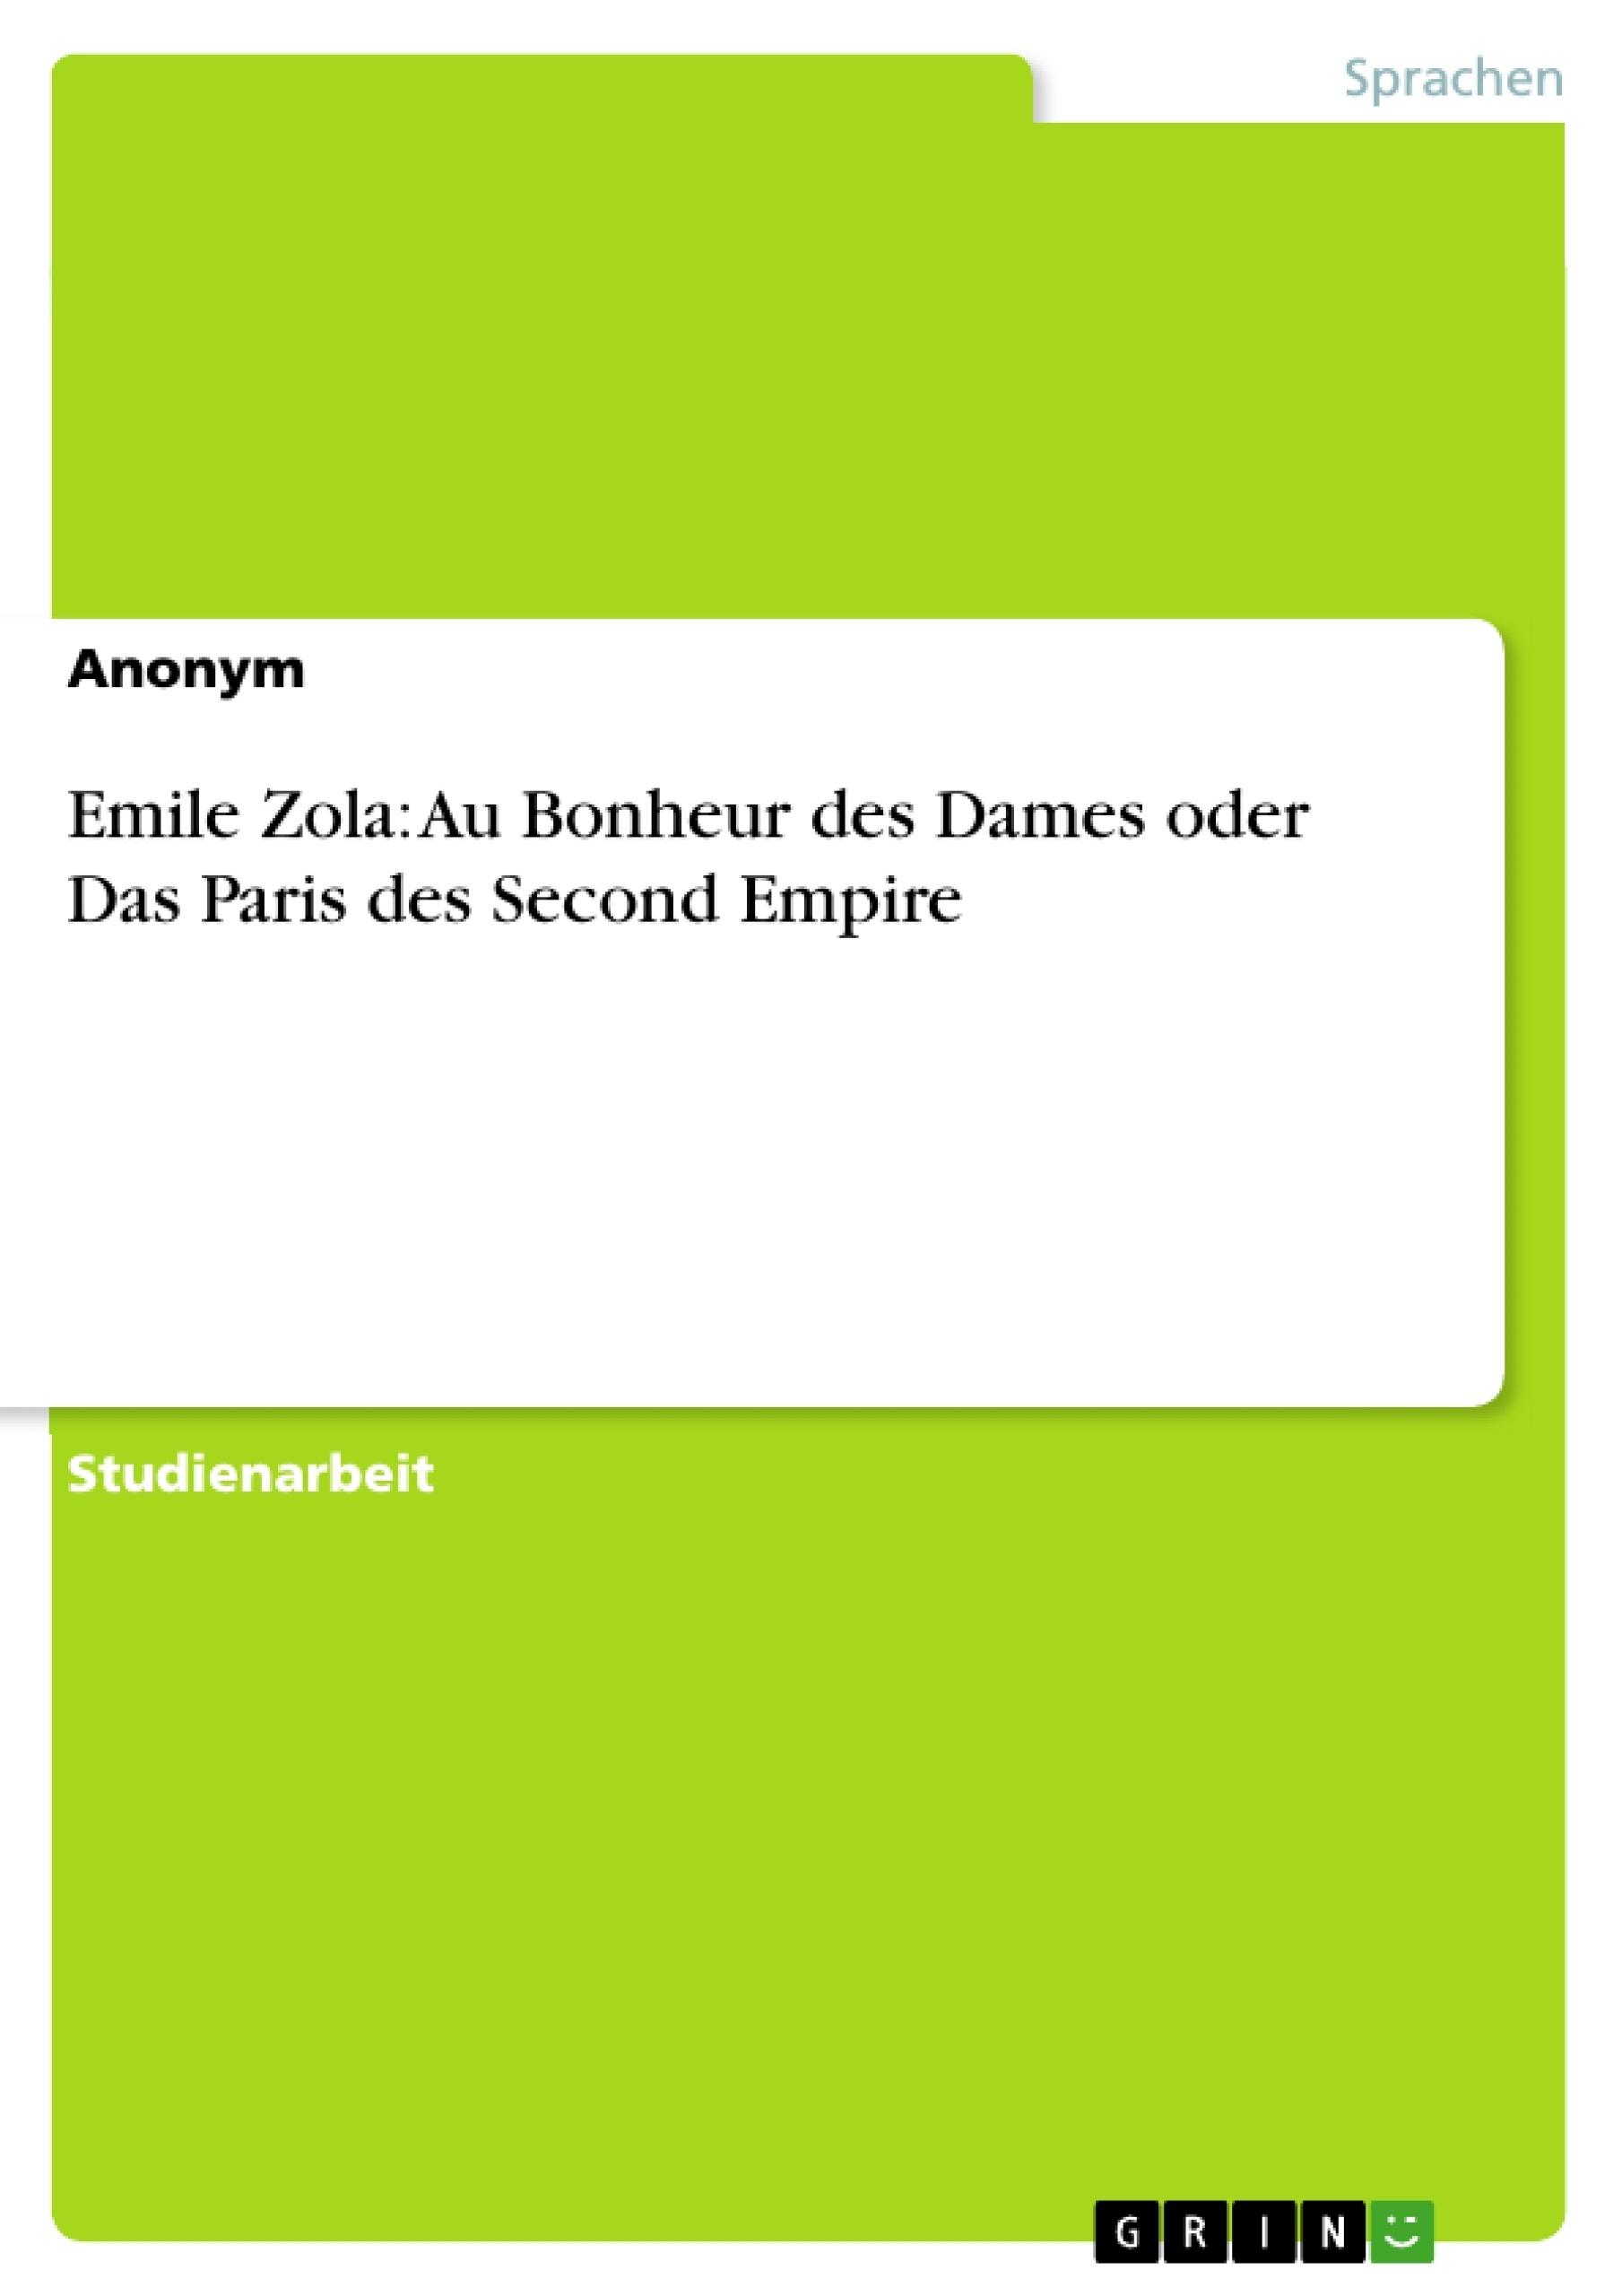 Titel: Emile Zola: Au Bonheur des Dames oder Das Paris des Second Empire